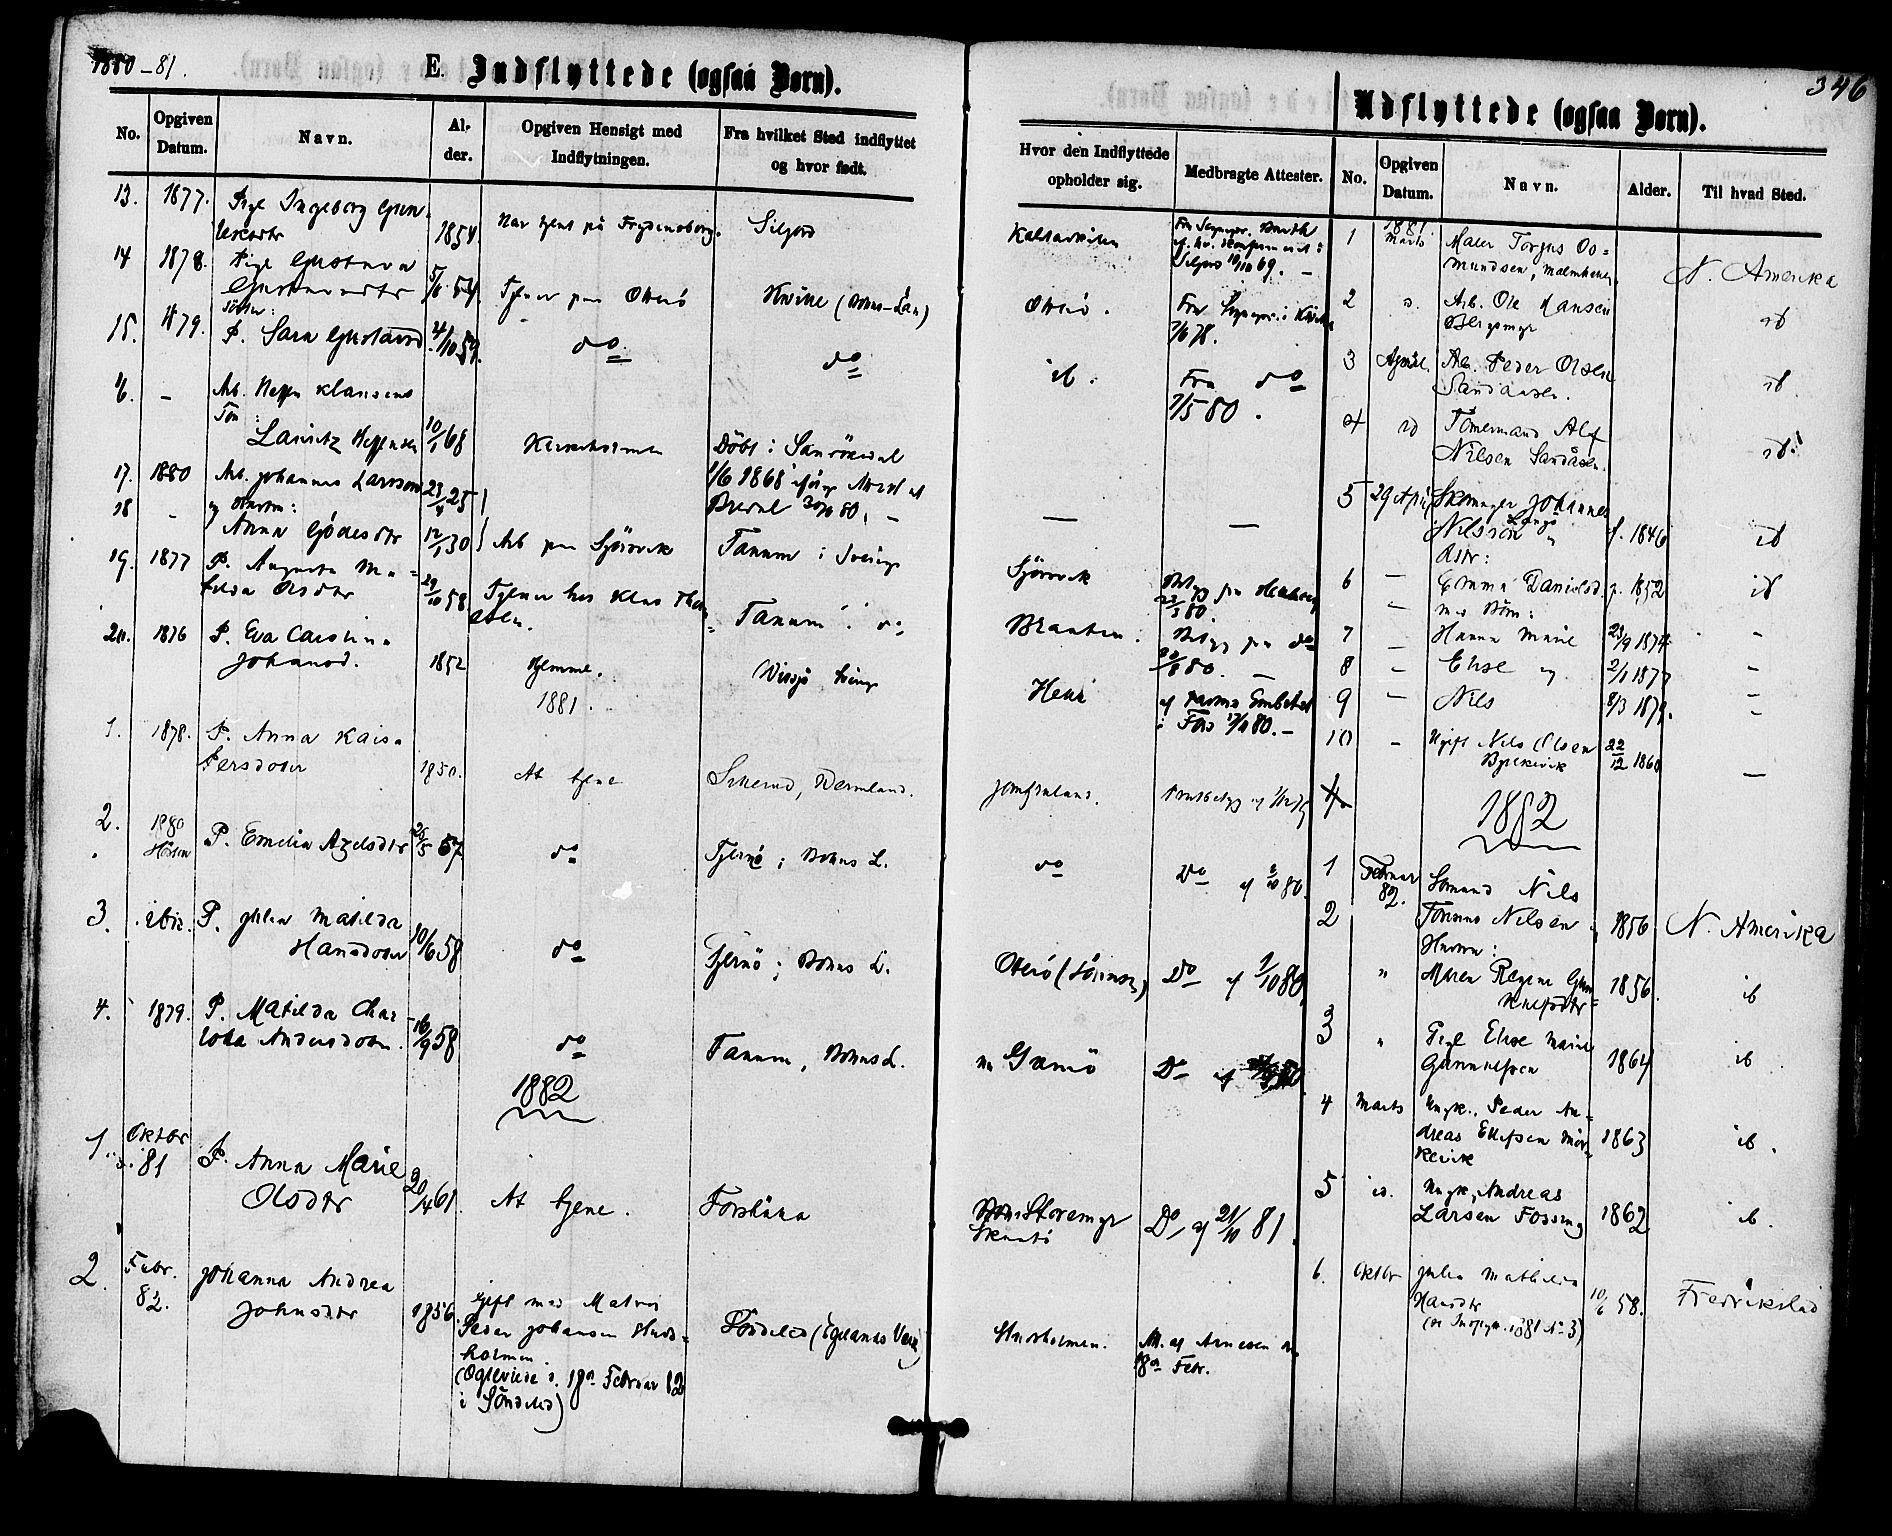 SAKO, Skåtøy kirkebøker, F/Fa/L0001: Ministerialbok nr. I 1, 1874-1883, s. 346